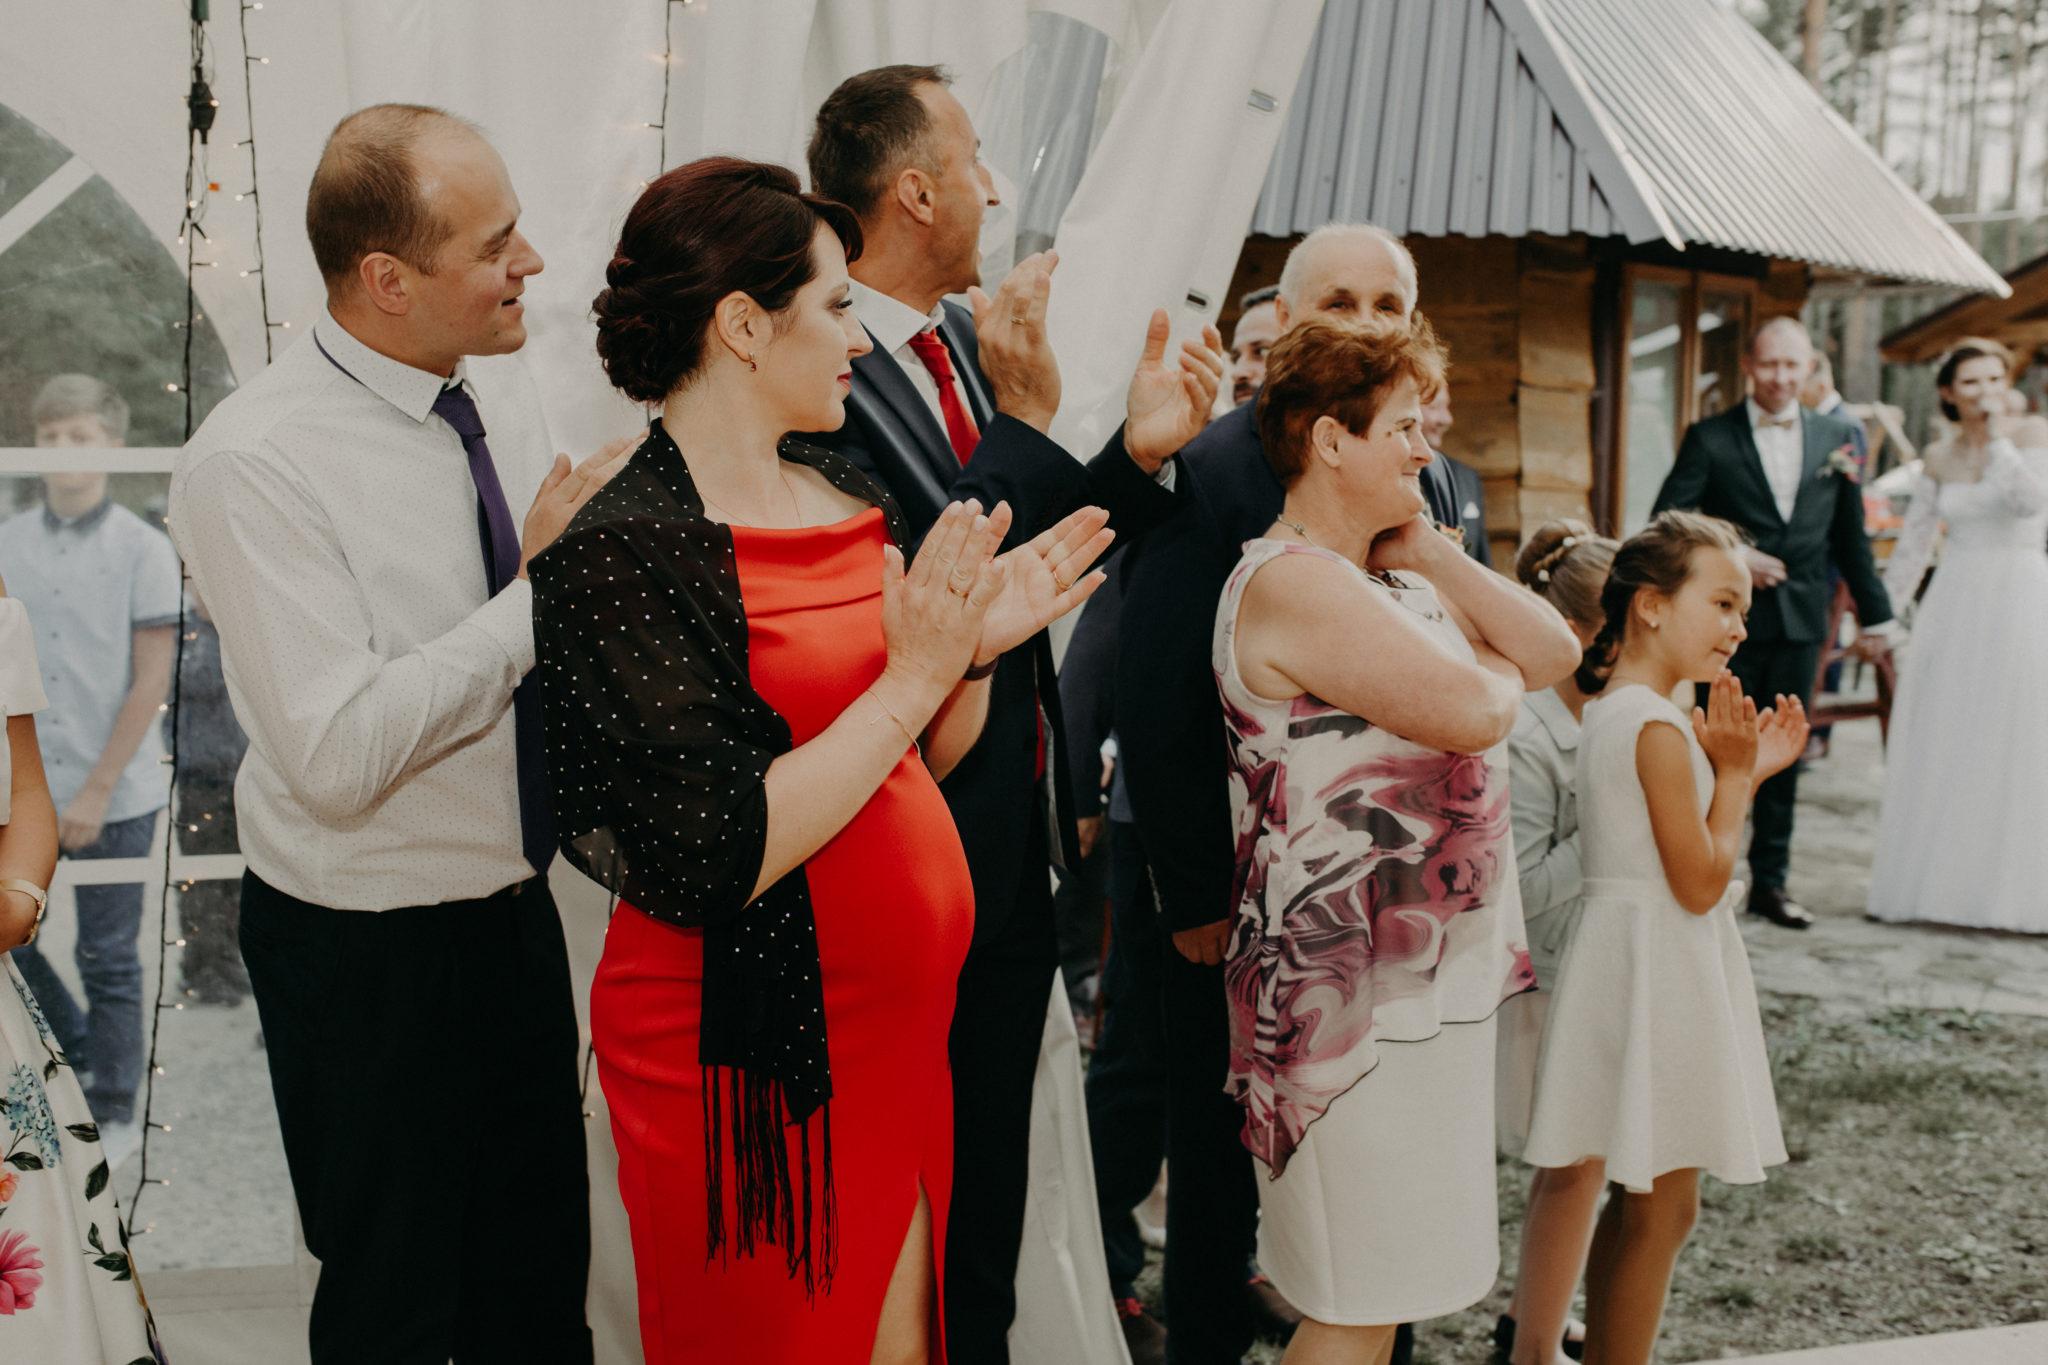 gosia i kuba88 - fotografiagk Fotografia ślubna RK wedding